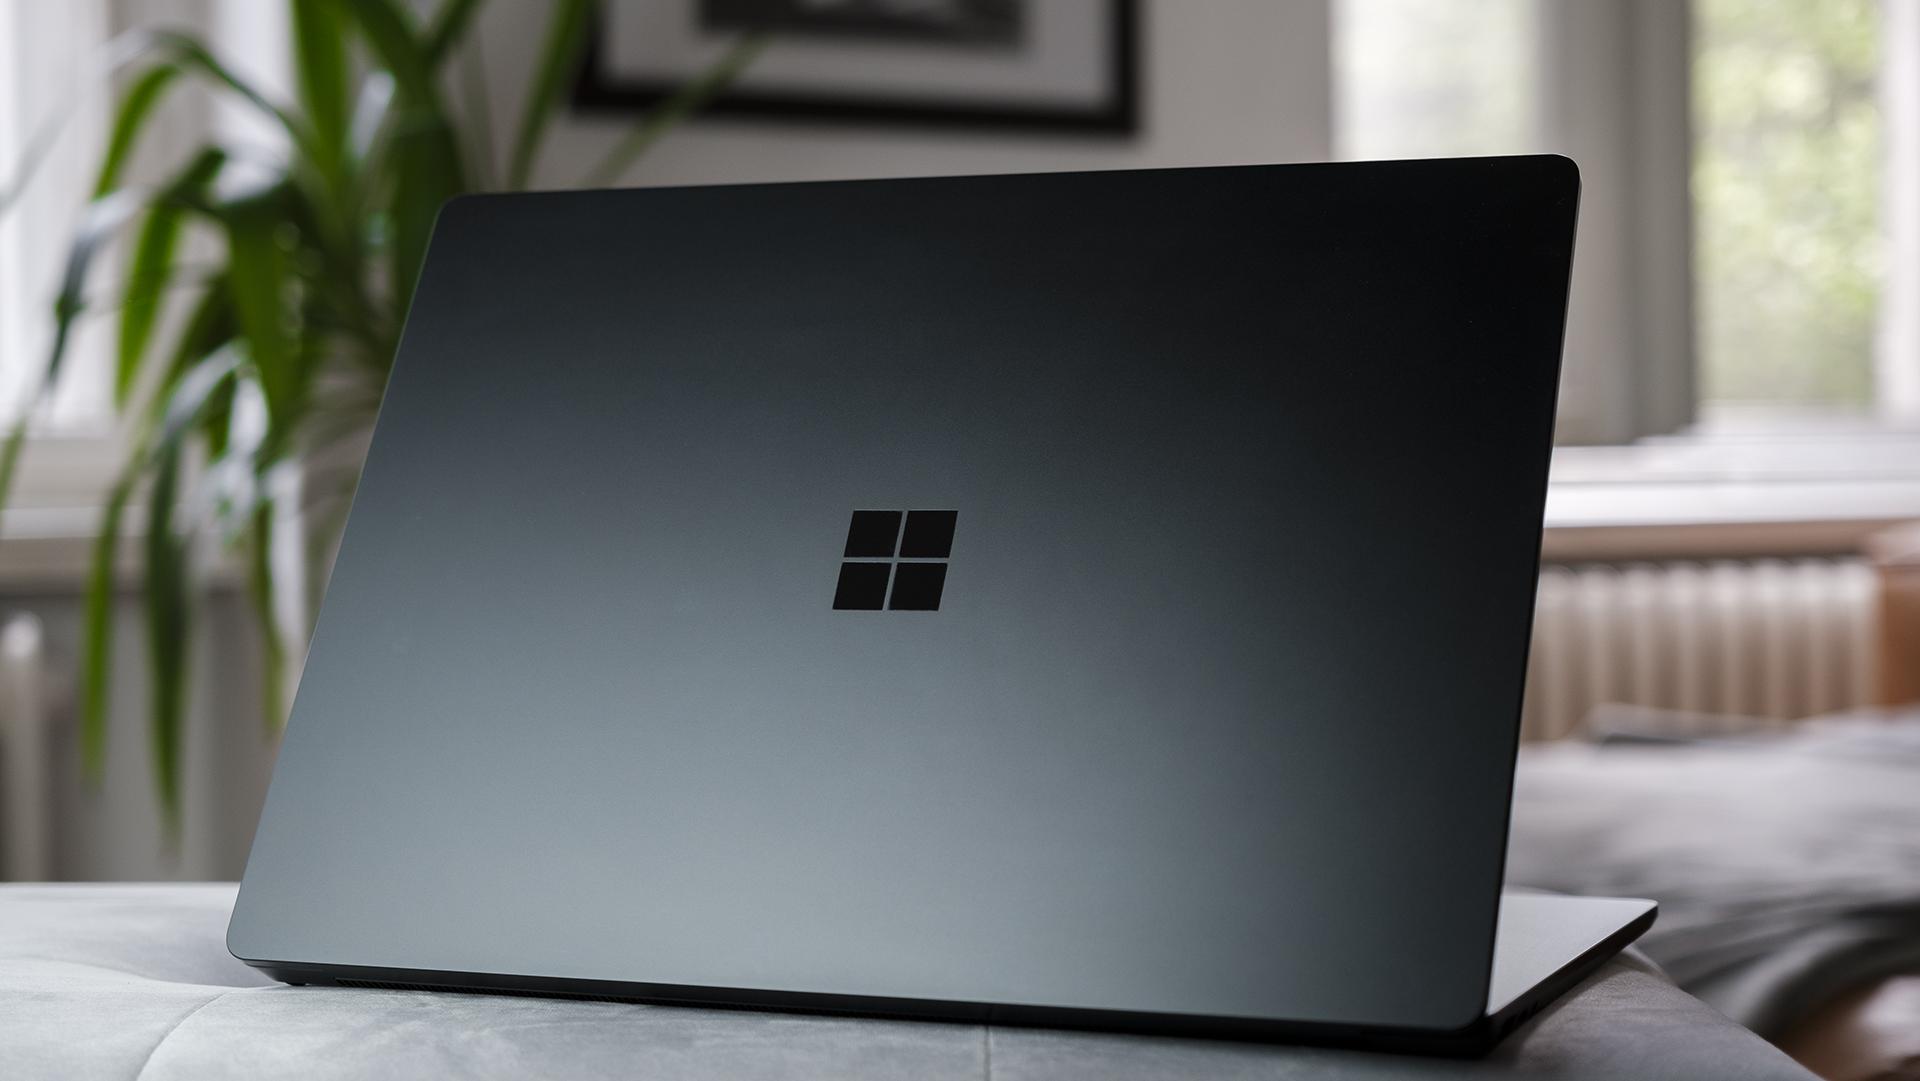 Microsoft Surface Laptop 4 15 Zoll: Acht Ryzen-Kerne für ein Hallelujah